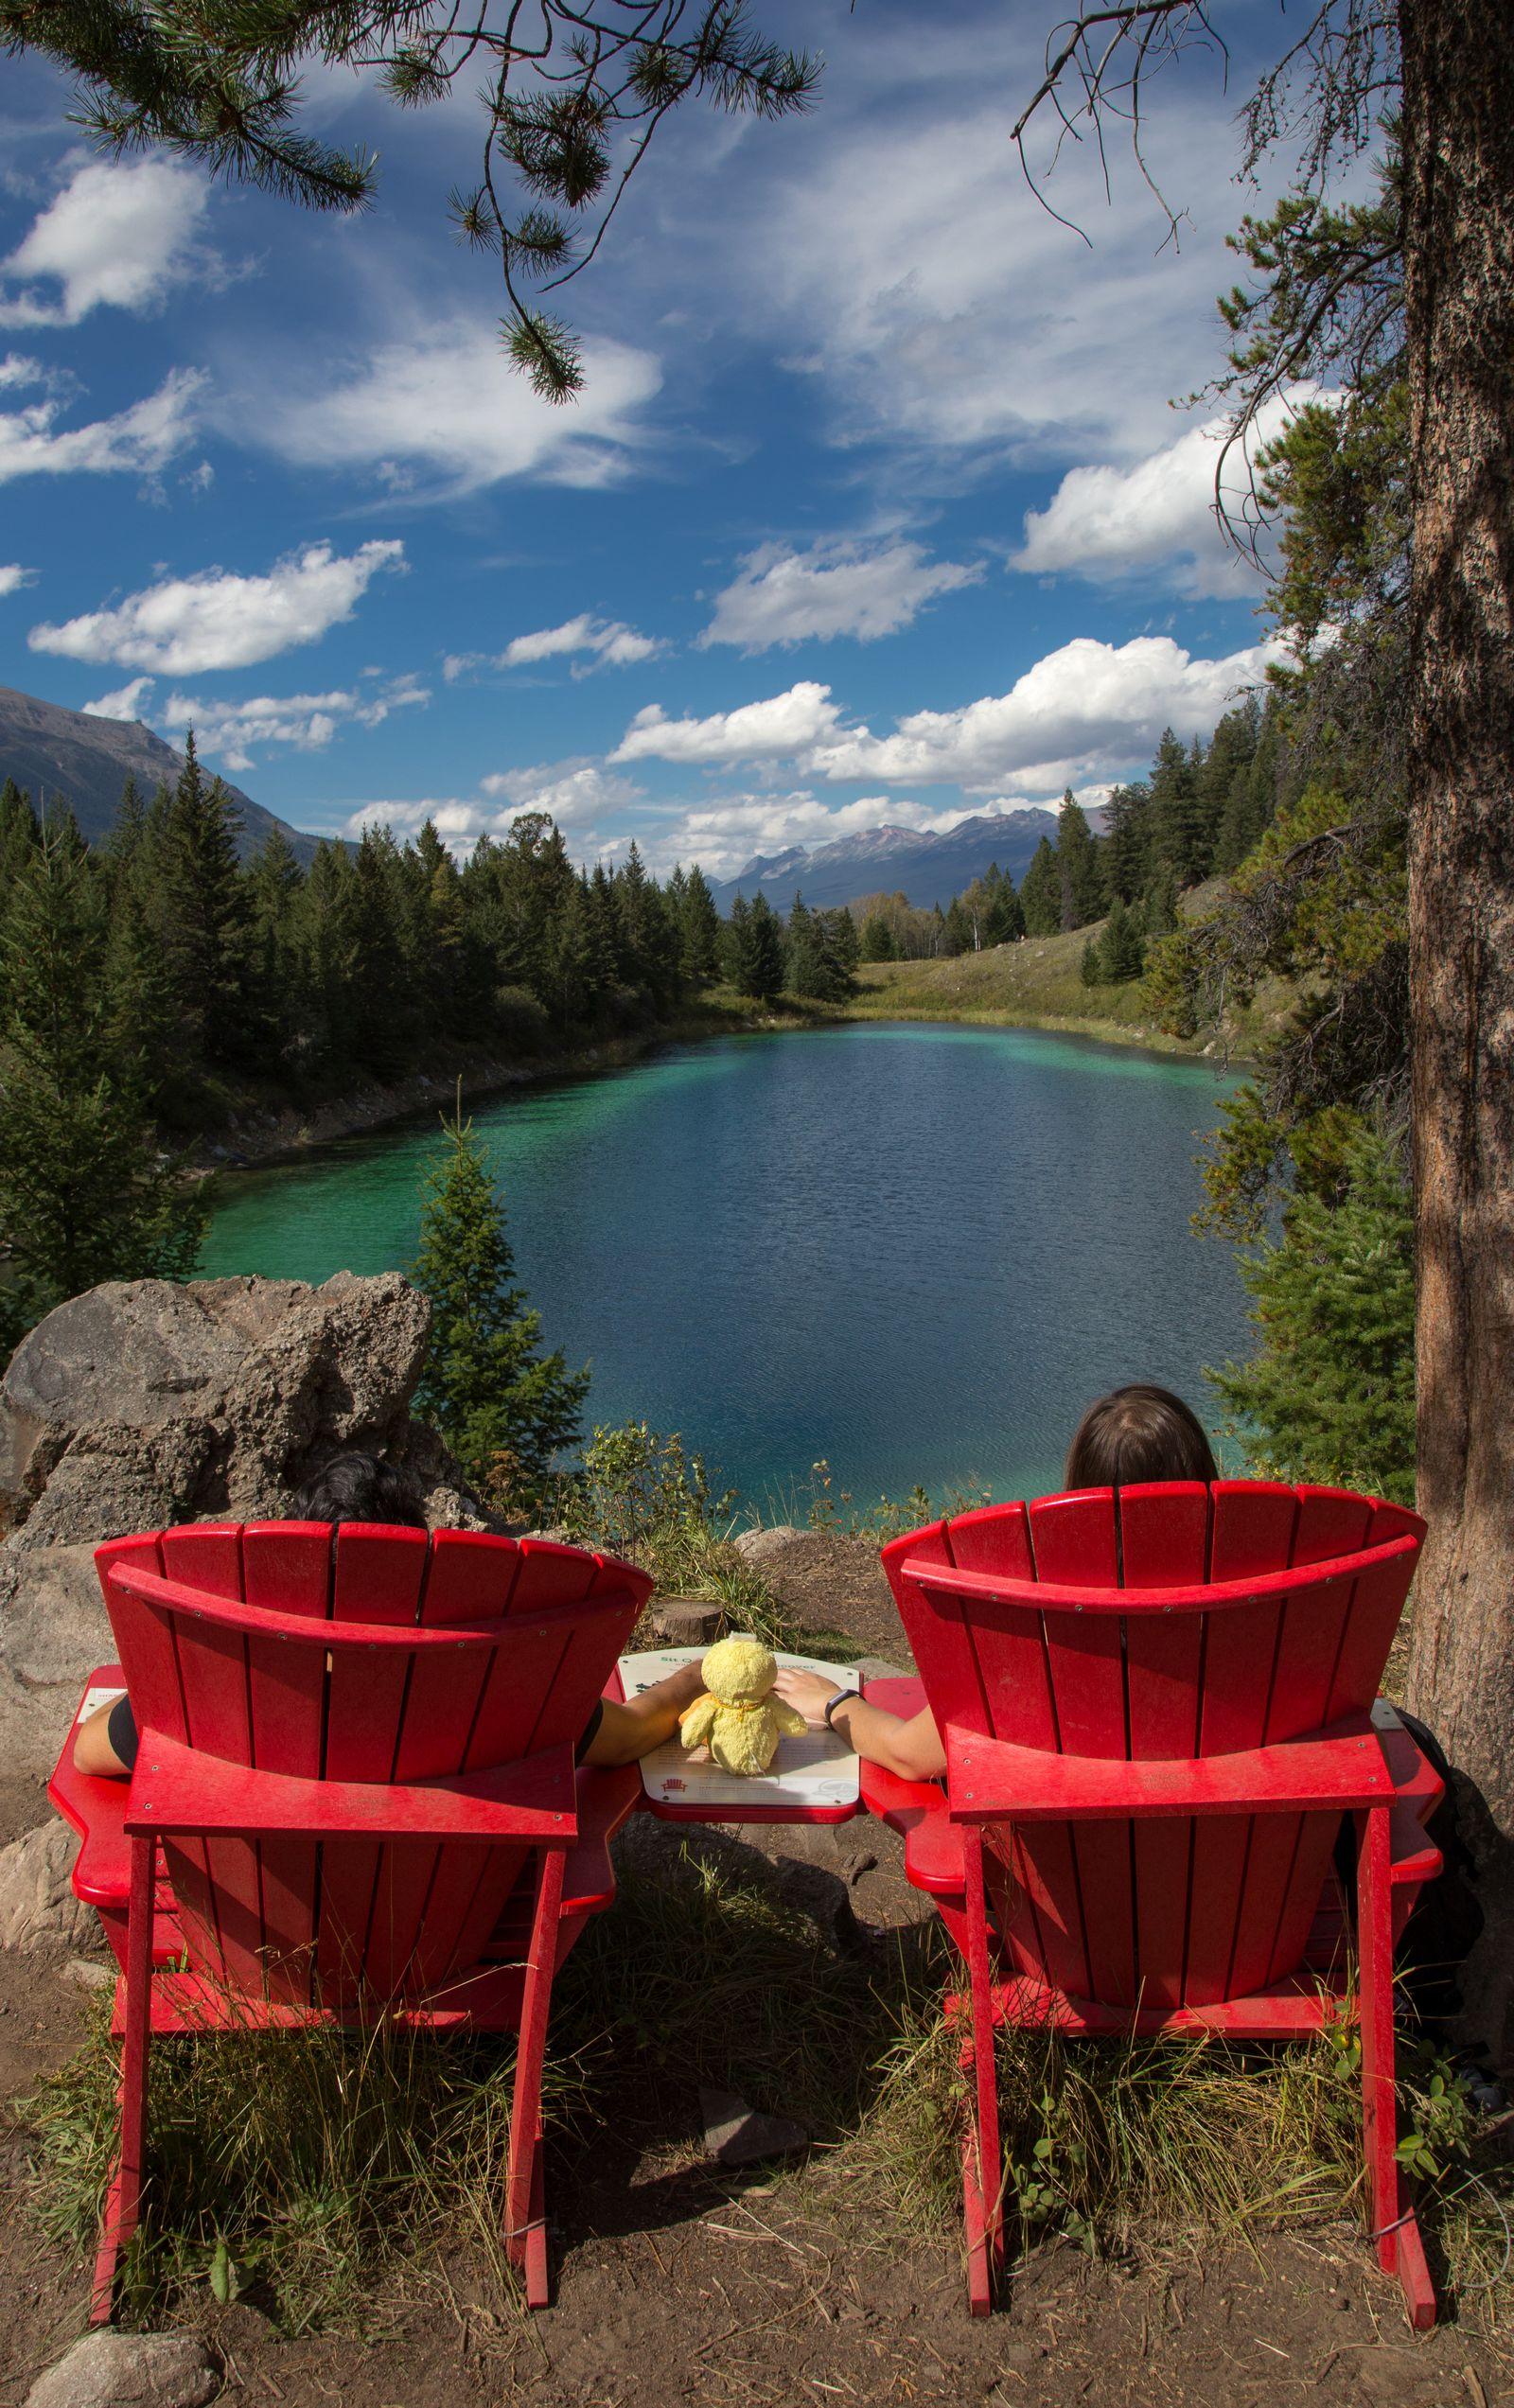 Las sillas rojas frente al cuarto lago